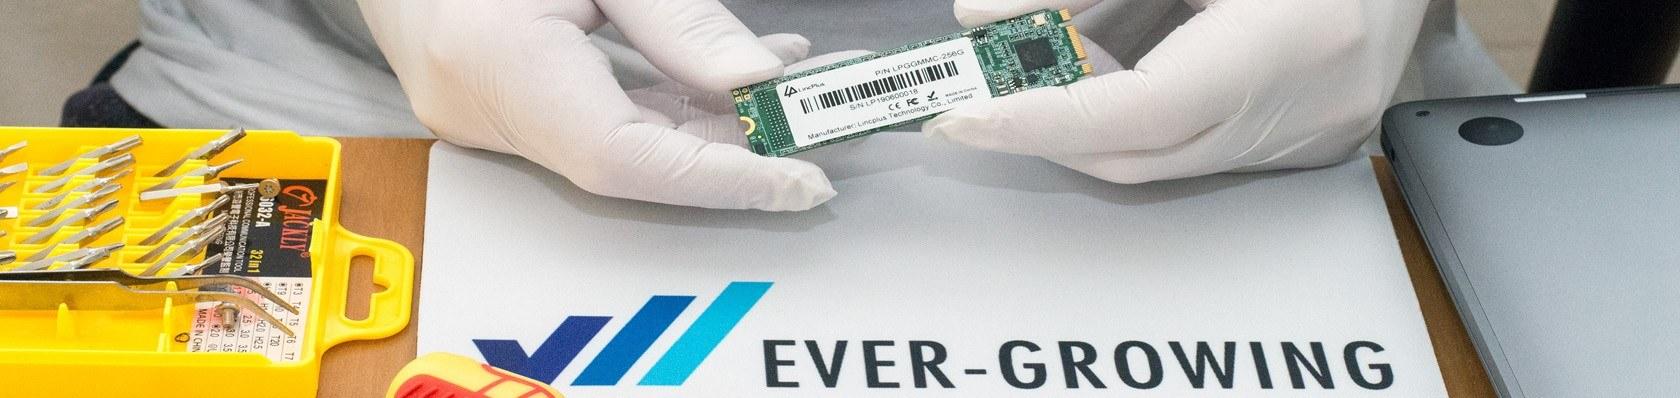 SSD im Test auf ExpertenTesten.de